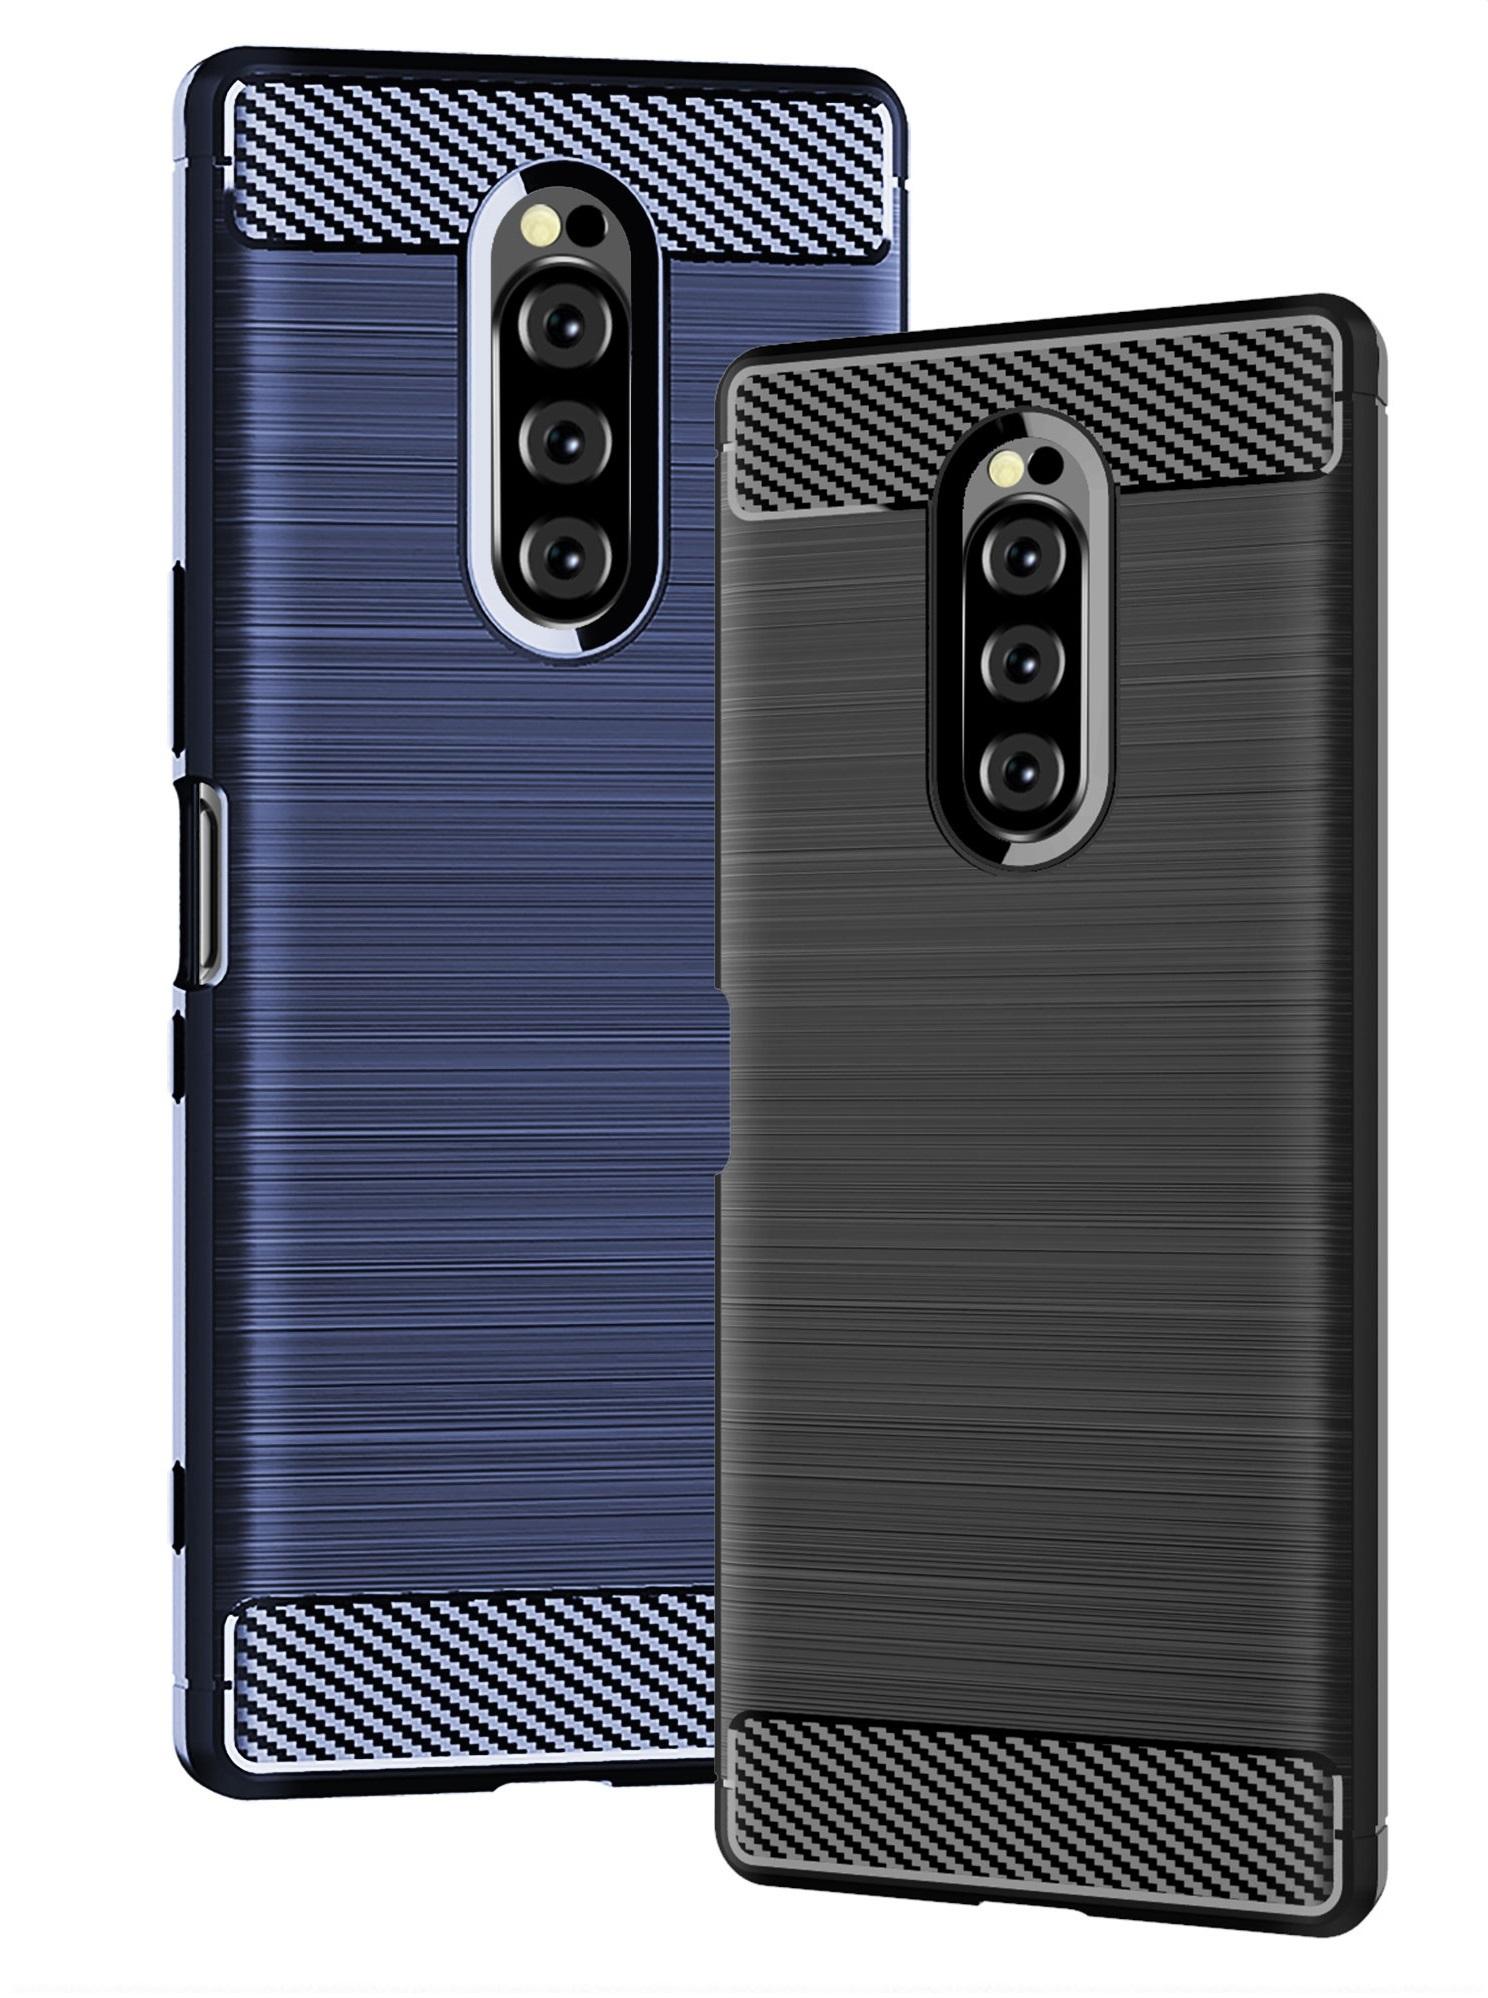 Чехол на Sony Xperia 1 цвет Blue (синий), серия Carbon от Caseport